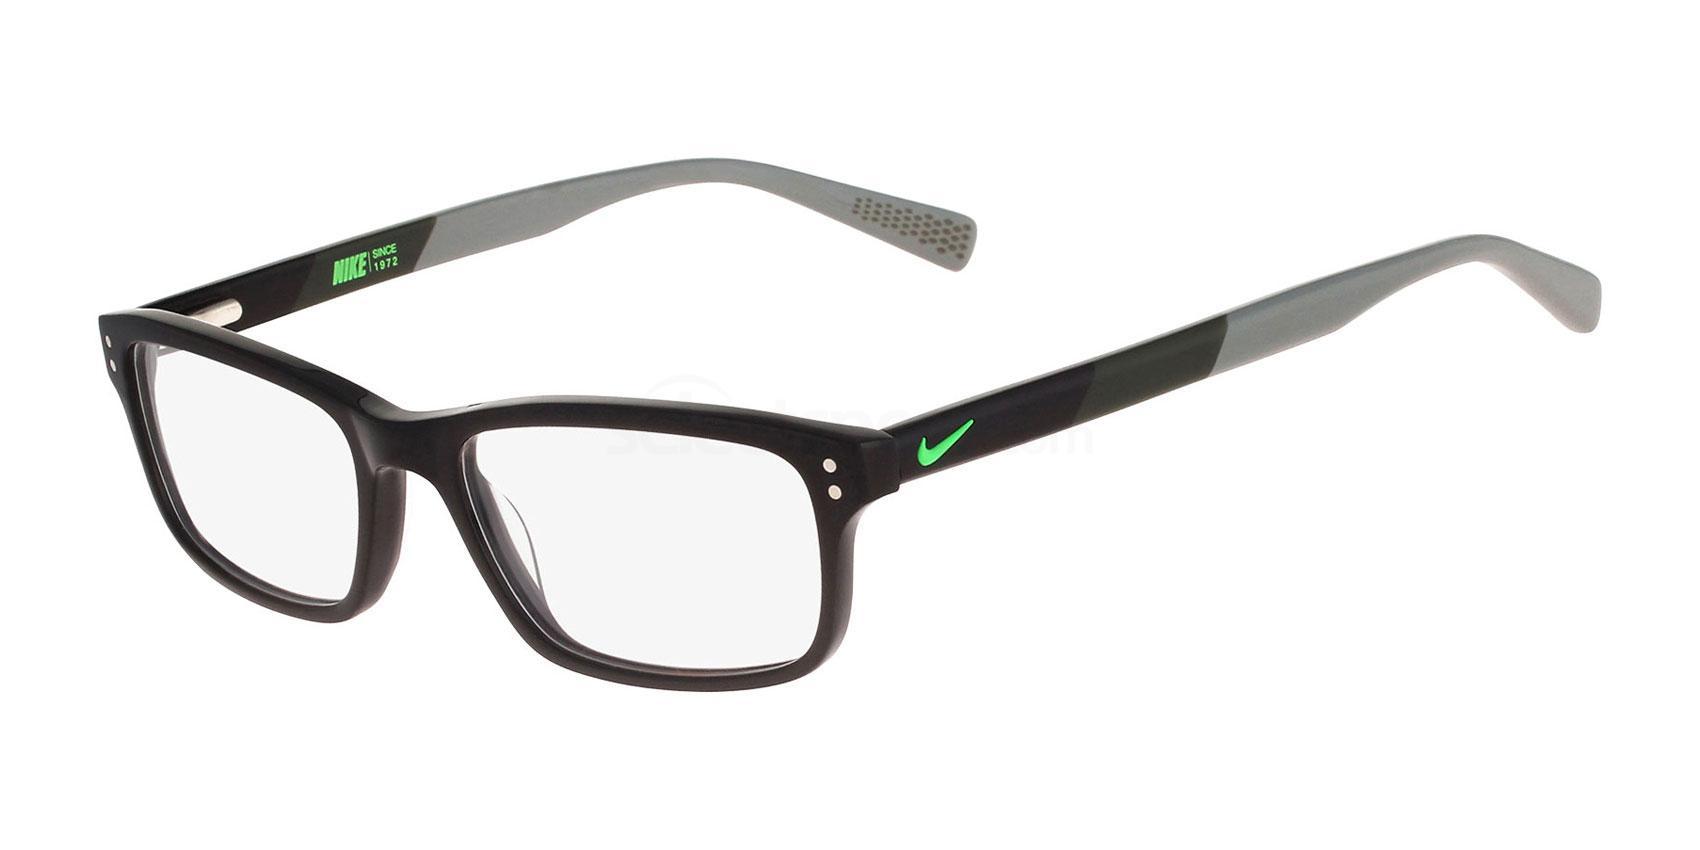 001 7237 Glasses, Nike